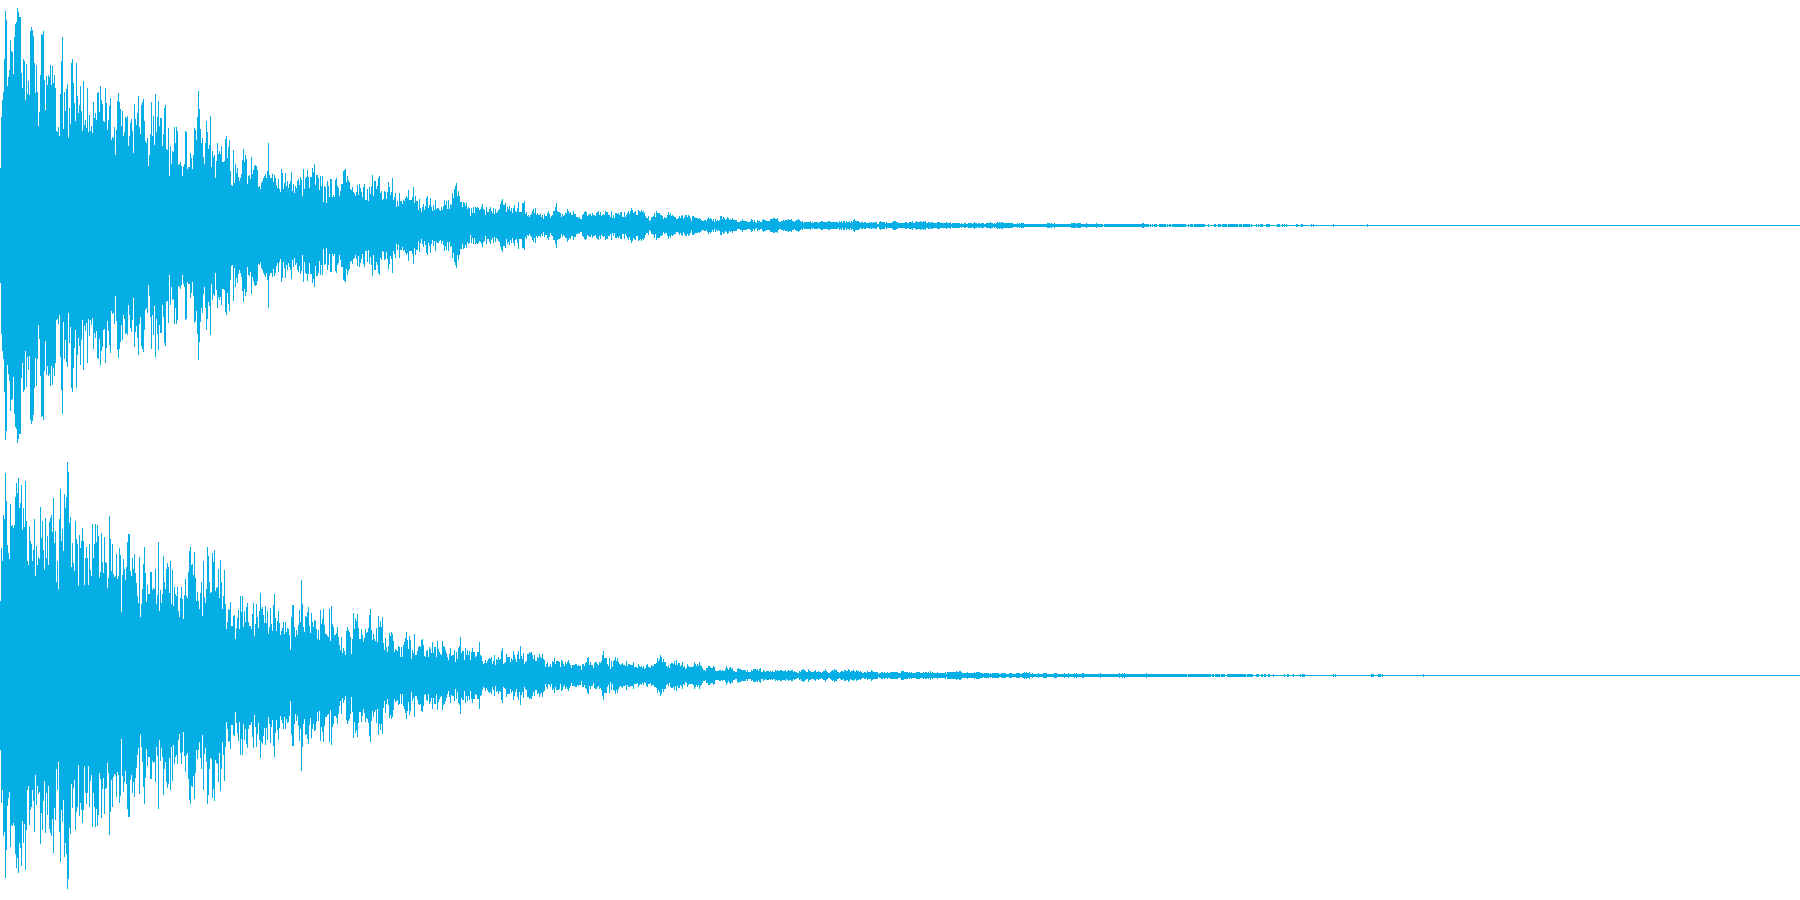 氷を思わせるワンショット効果音(弱め)の再生済みの波形